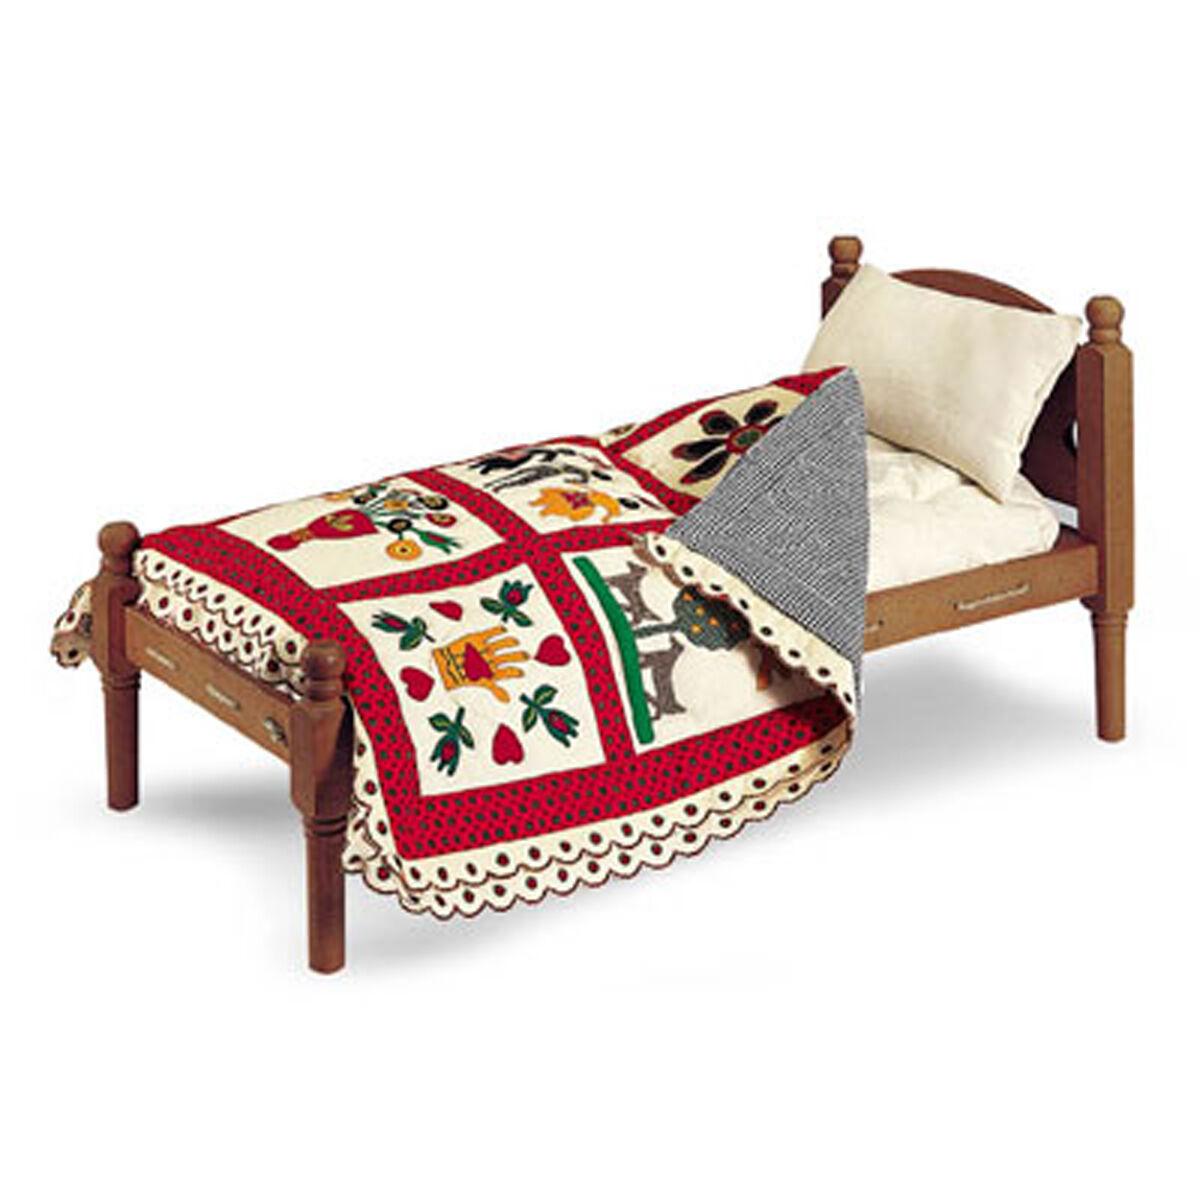 American Girl Addy Bett & Bettwäsche für 45.7cm Puppen Historische Möbel Alte